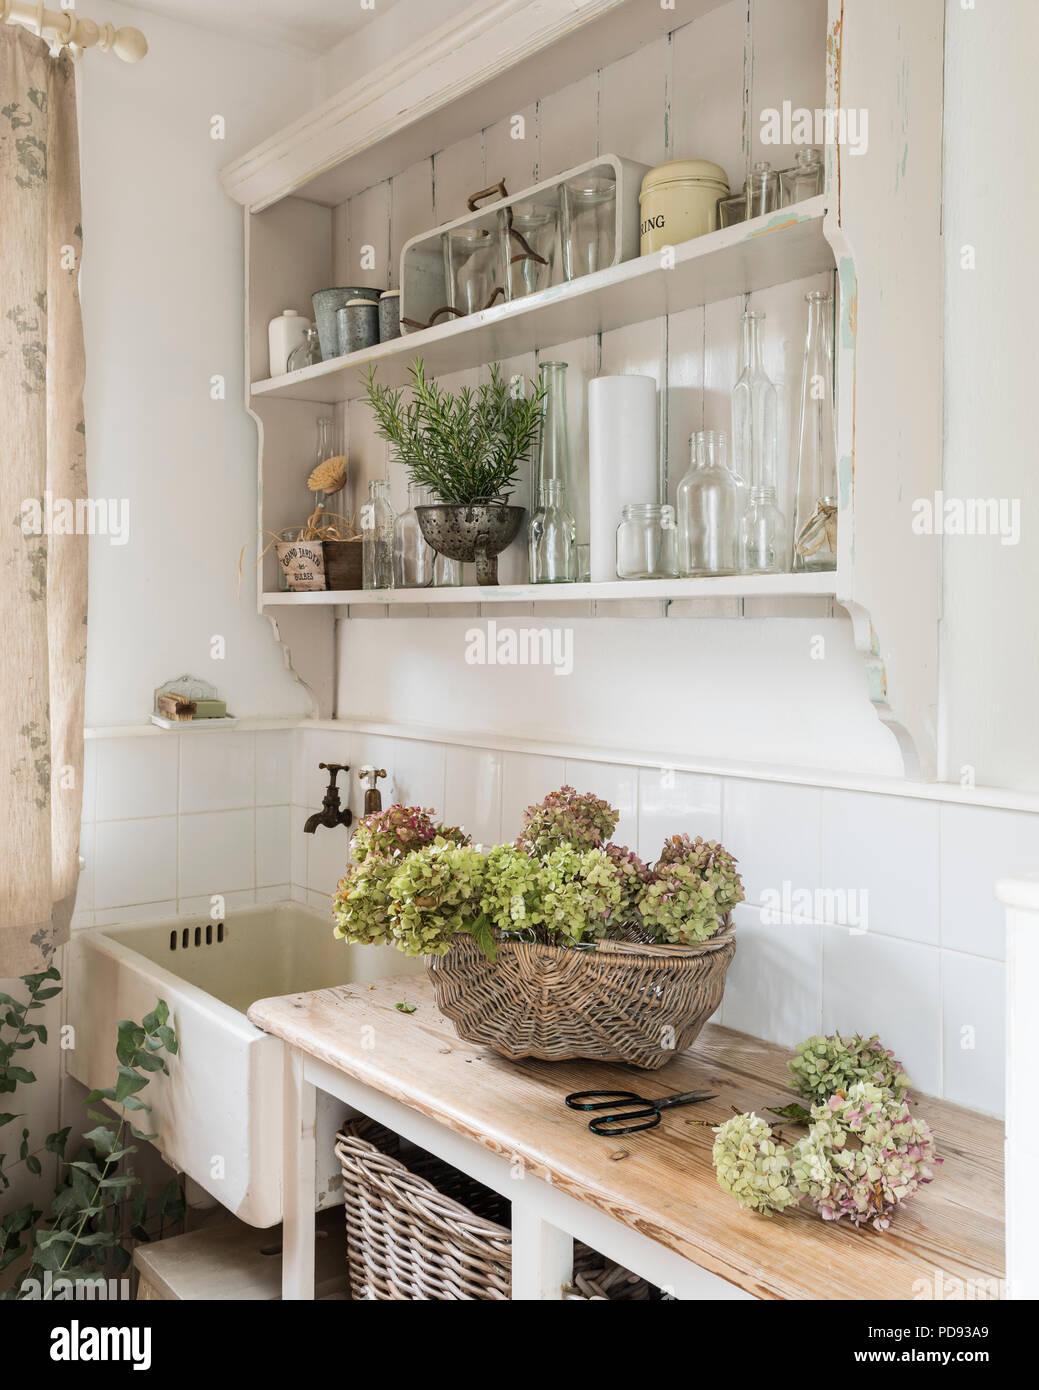 Les têtes d'hortensias séchés dans coin de style rustique cuisine avec évier en céramique et rayonnages de bois ouvert Photo Stock